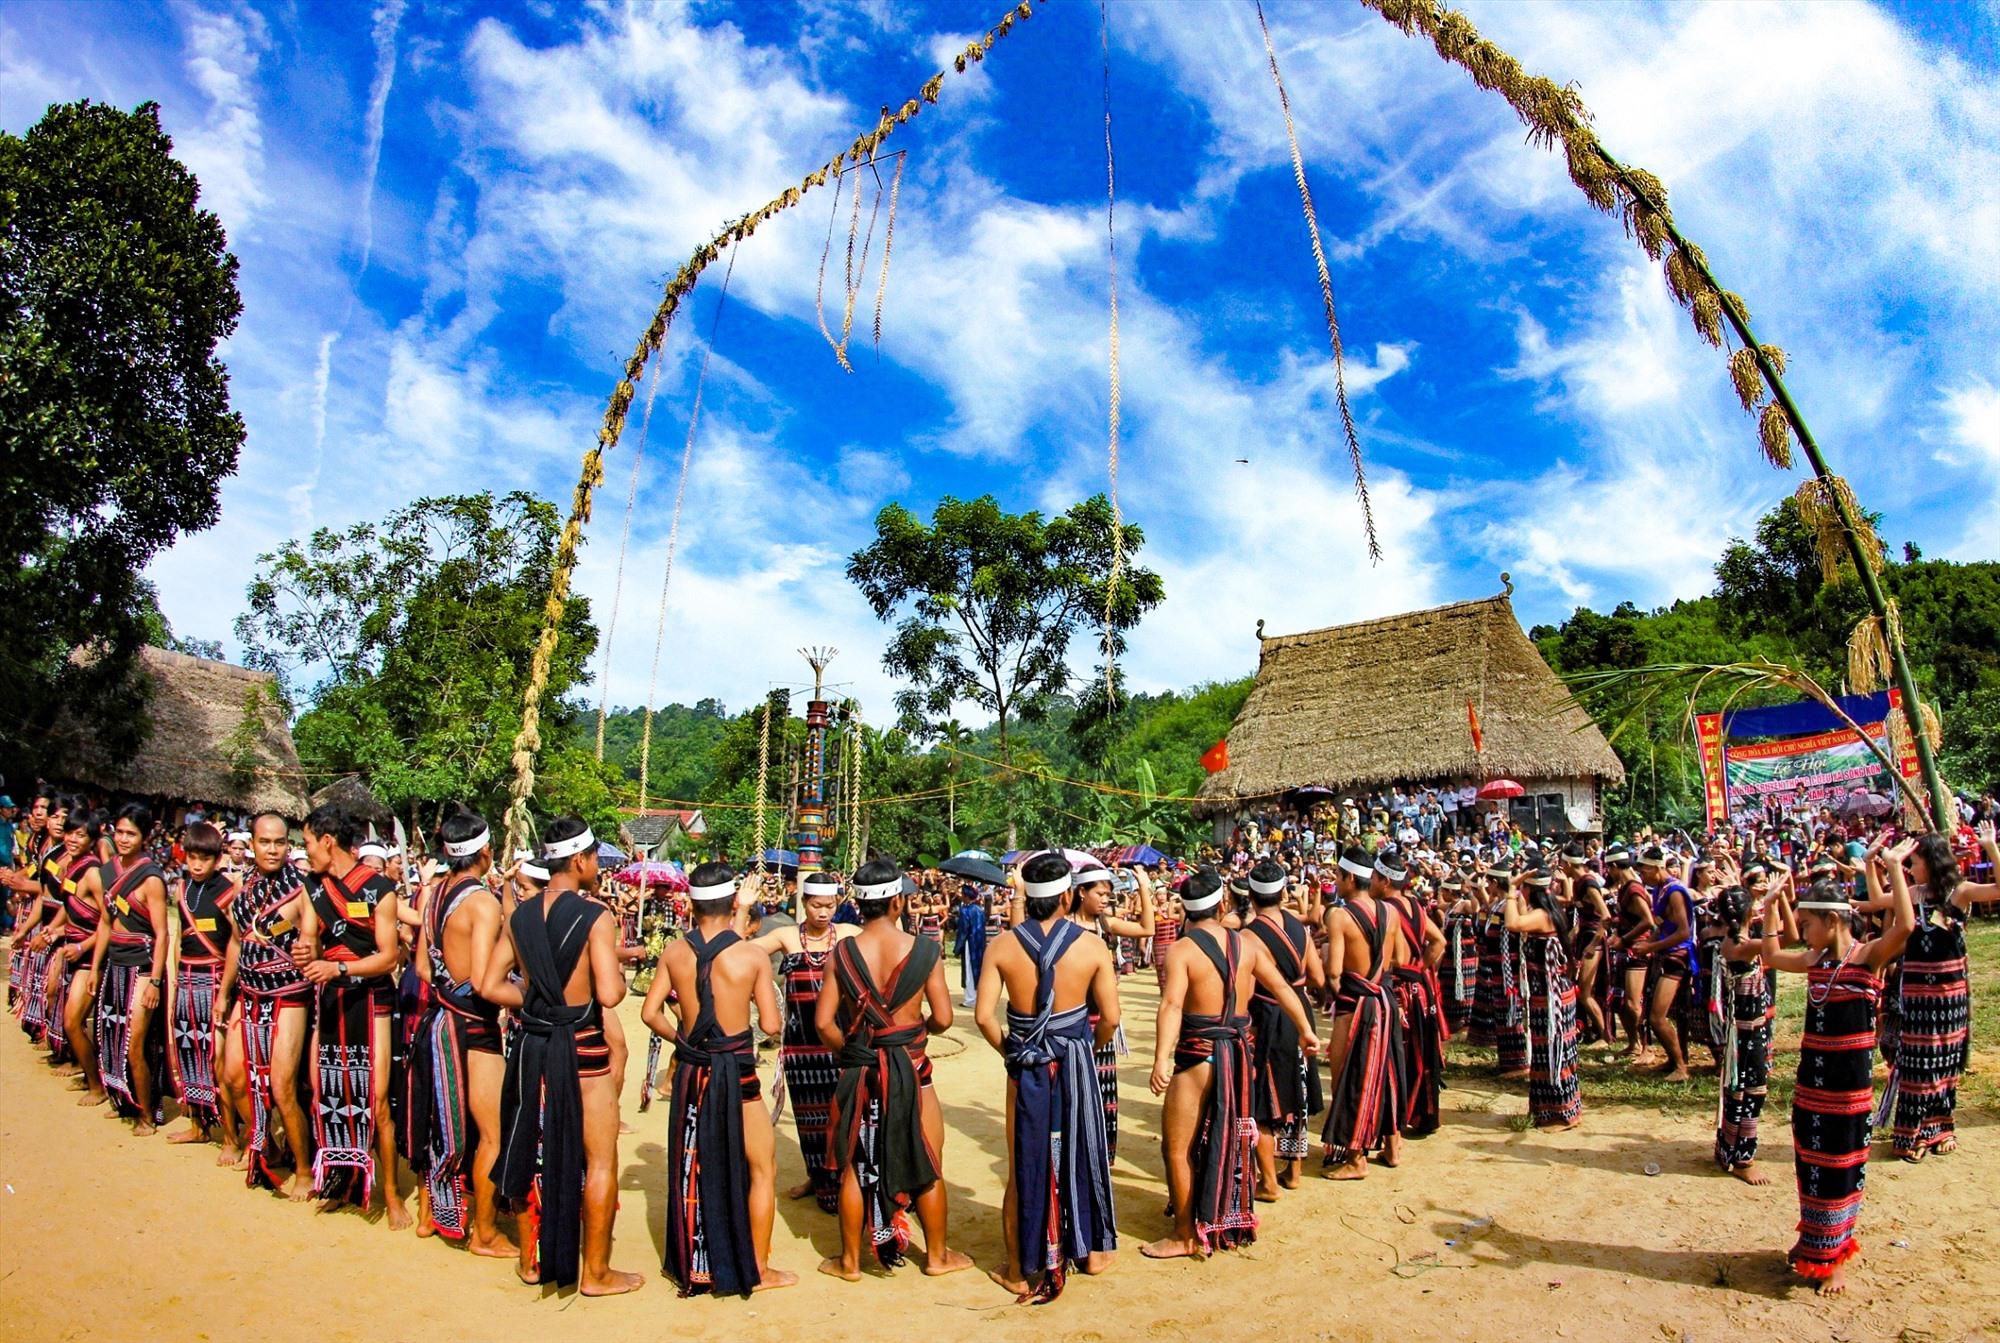 """Trong hội làng Cơ Tu, bao giờ cũng có nghi thức """"khóc trâu"""". Đó trở thành nét văn hóa độc đáo, được gìn giữ lâu đời. Ảnh: ĐĂNG NGUYÊN"""